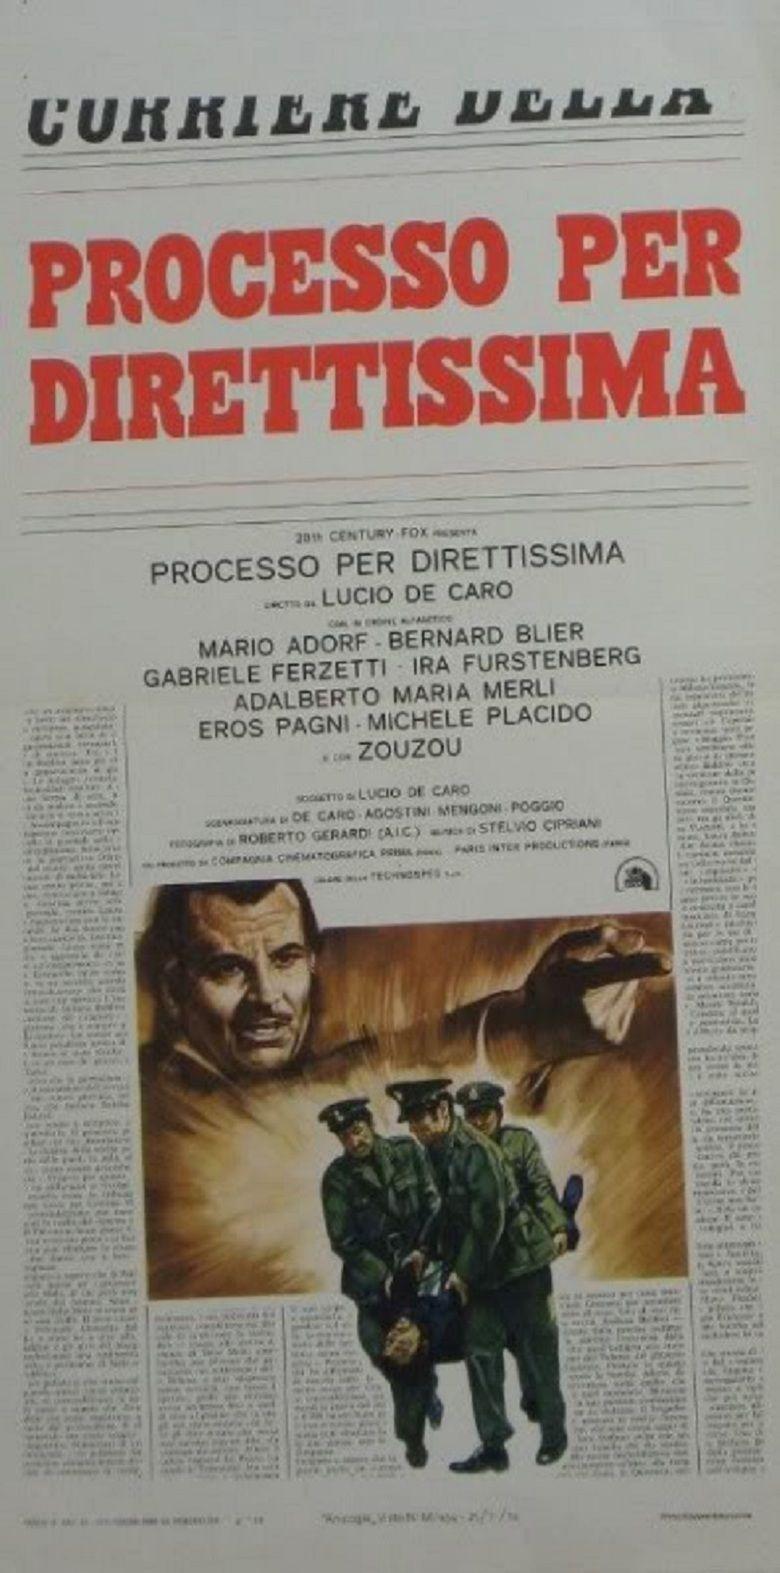 Processo per direttissima movie poster